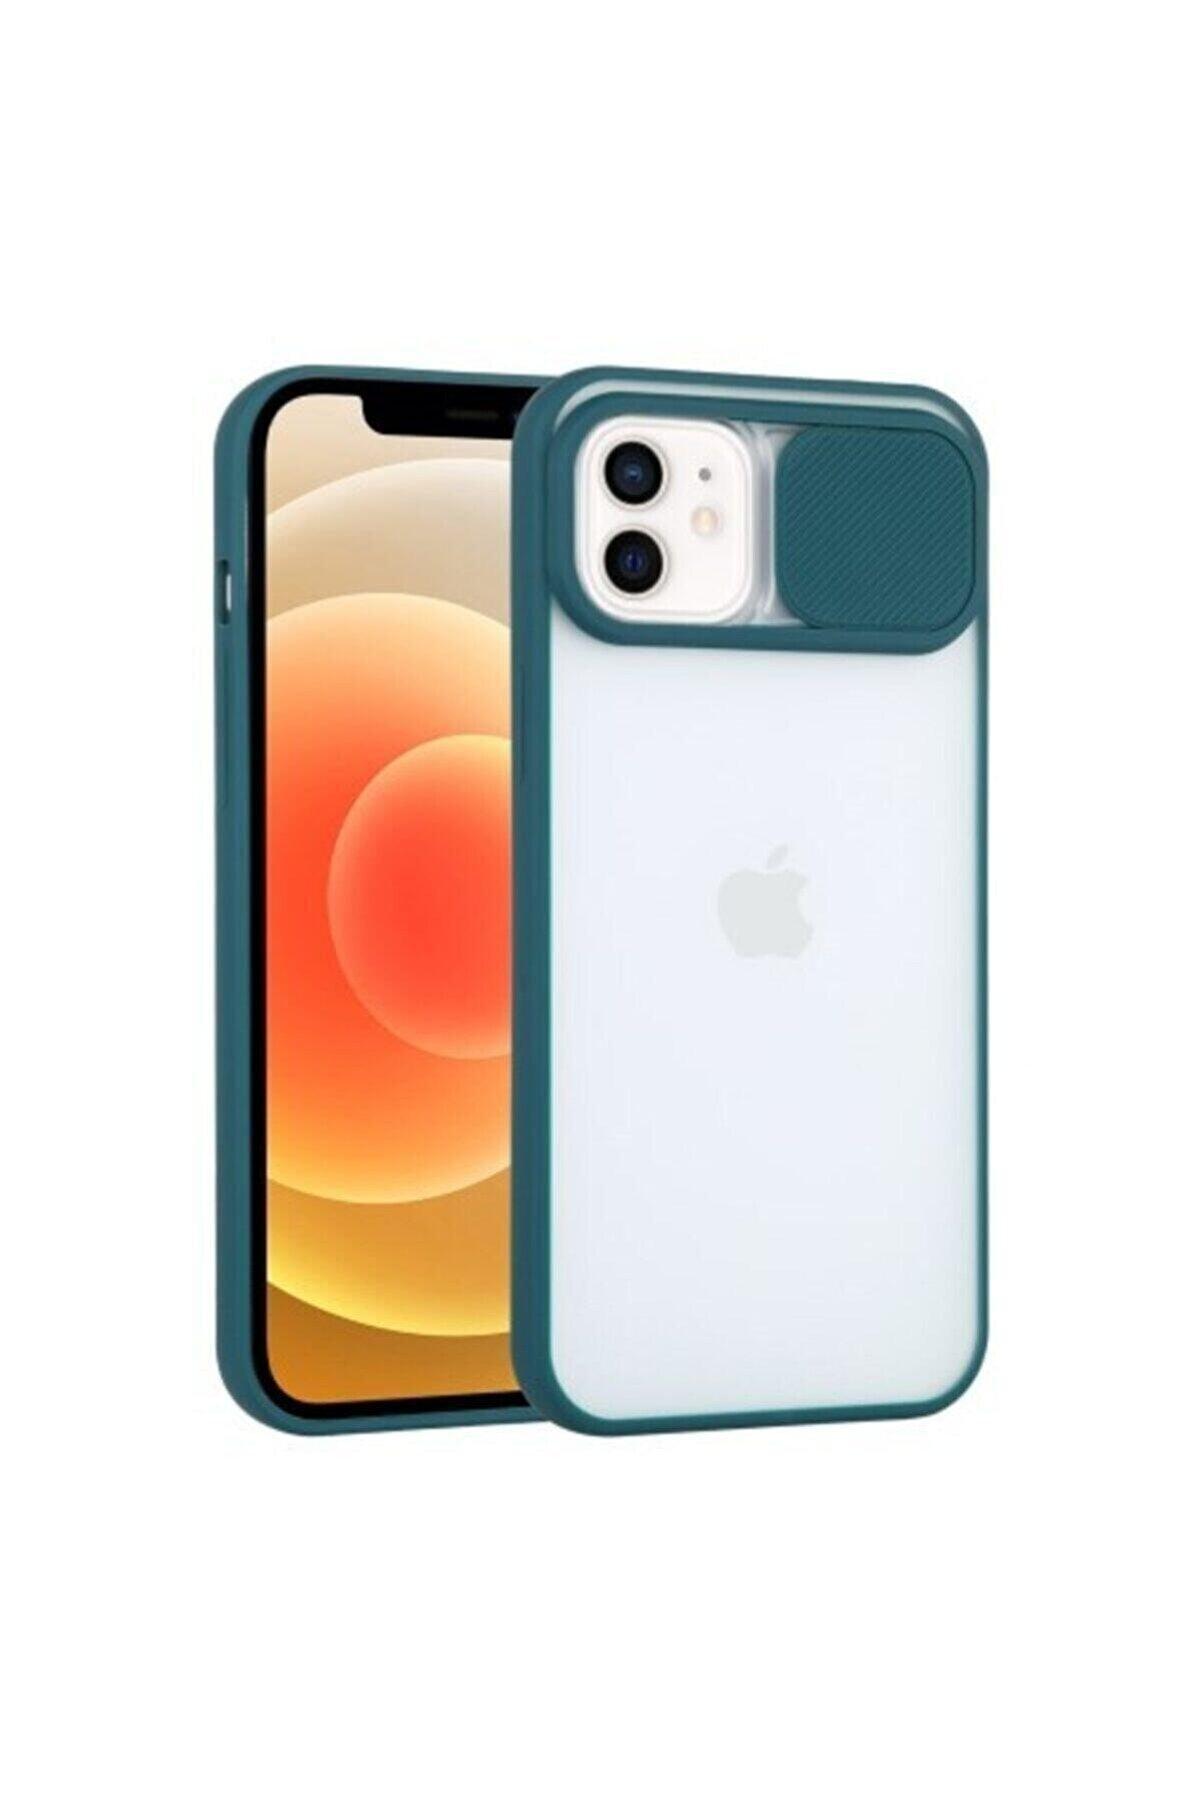 """Teknoçeri Iphone 11 6.1"""" Uyumlu Kamera Lens Korumalı Sürgülü Koyu Yeşil Kılıf"""